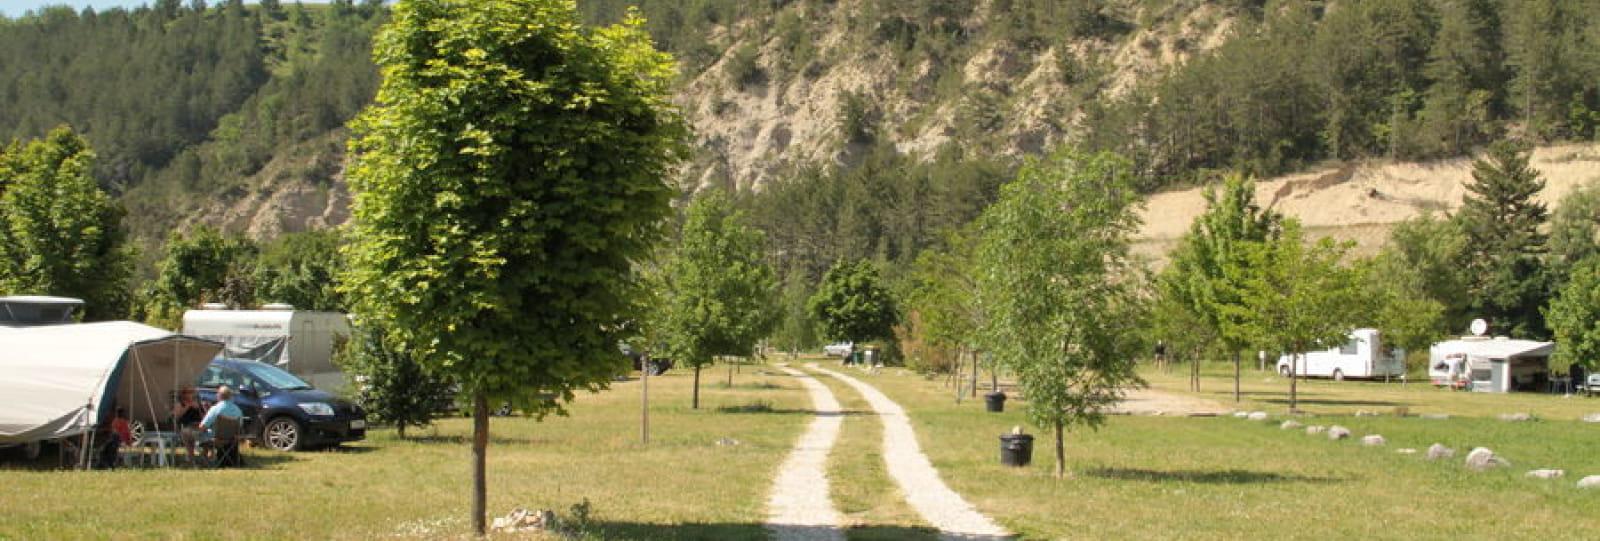 Aire Naturelle de Camping la Condamine